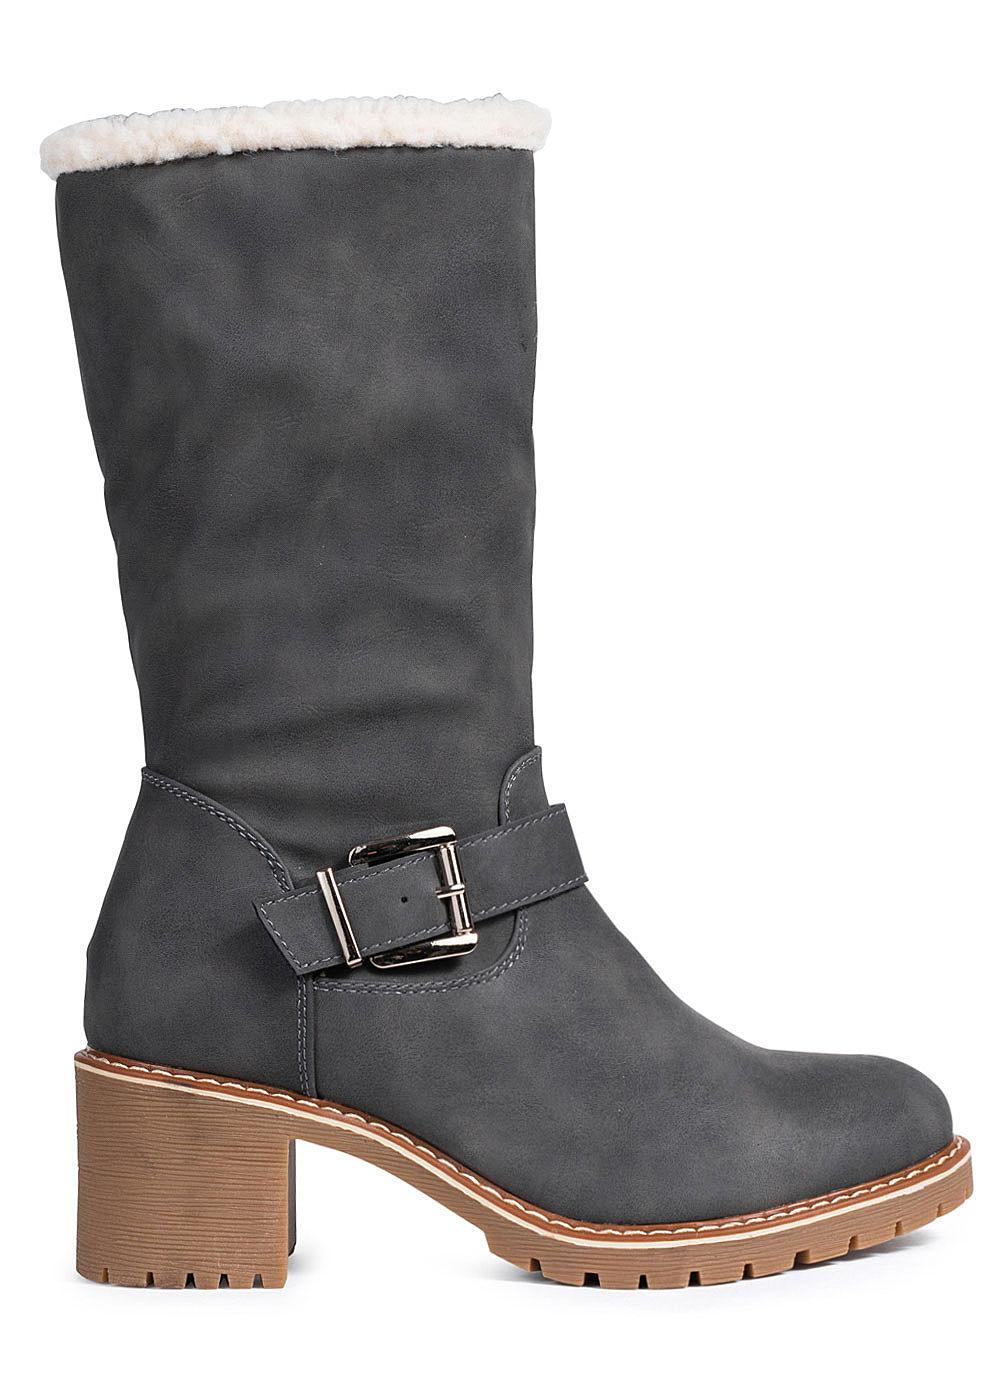 Seventyseven Lifestyle Damen Schuh Halbstiefel Zipper Deko